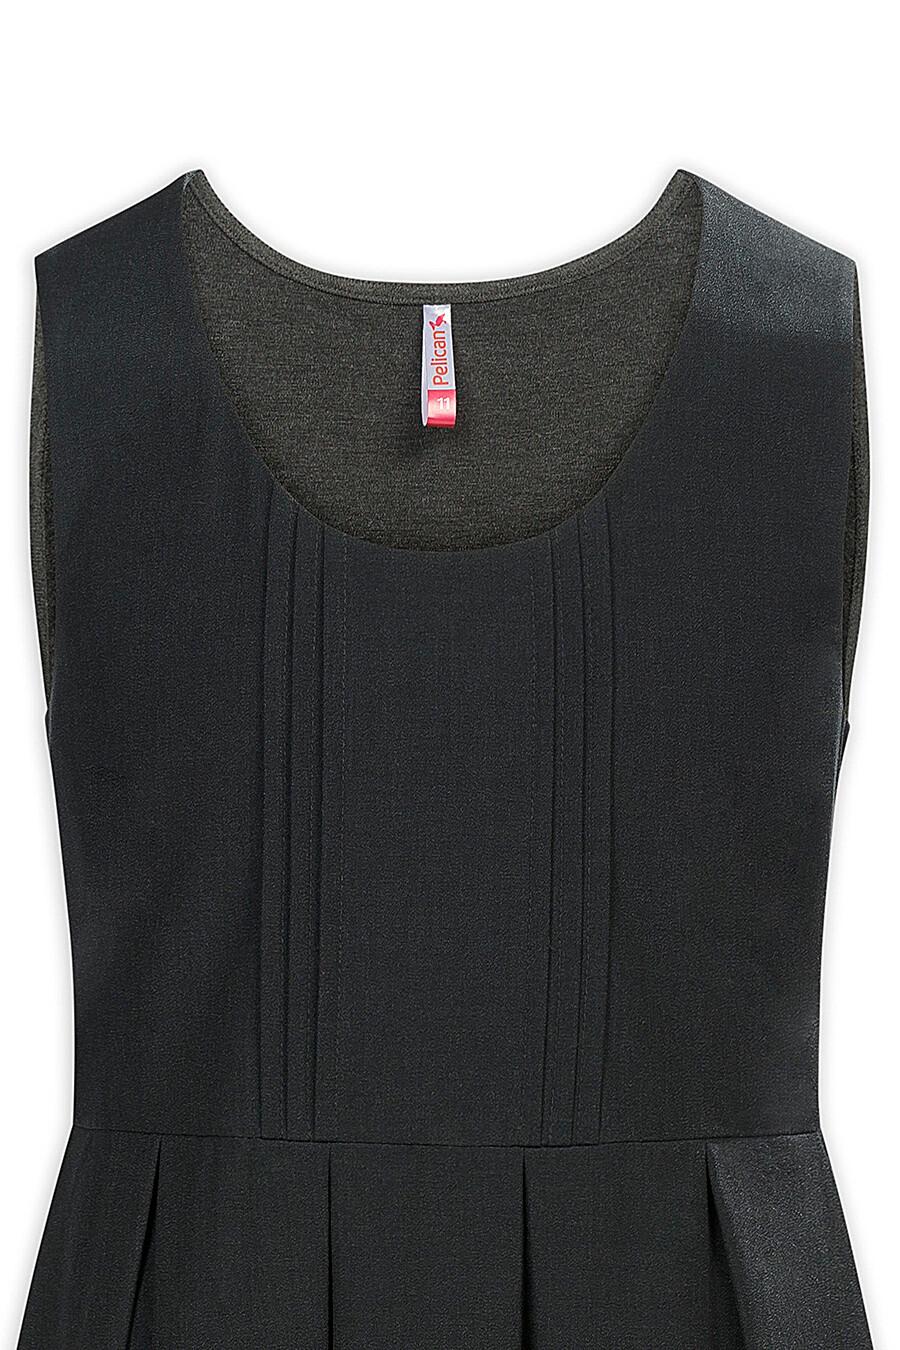 Сарафан для девочек PELICAN 218610 купить оптом от производителя. Совместная покупка детской одежды в OptMoyo